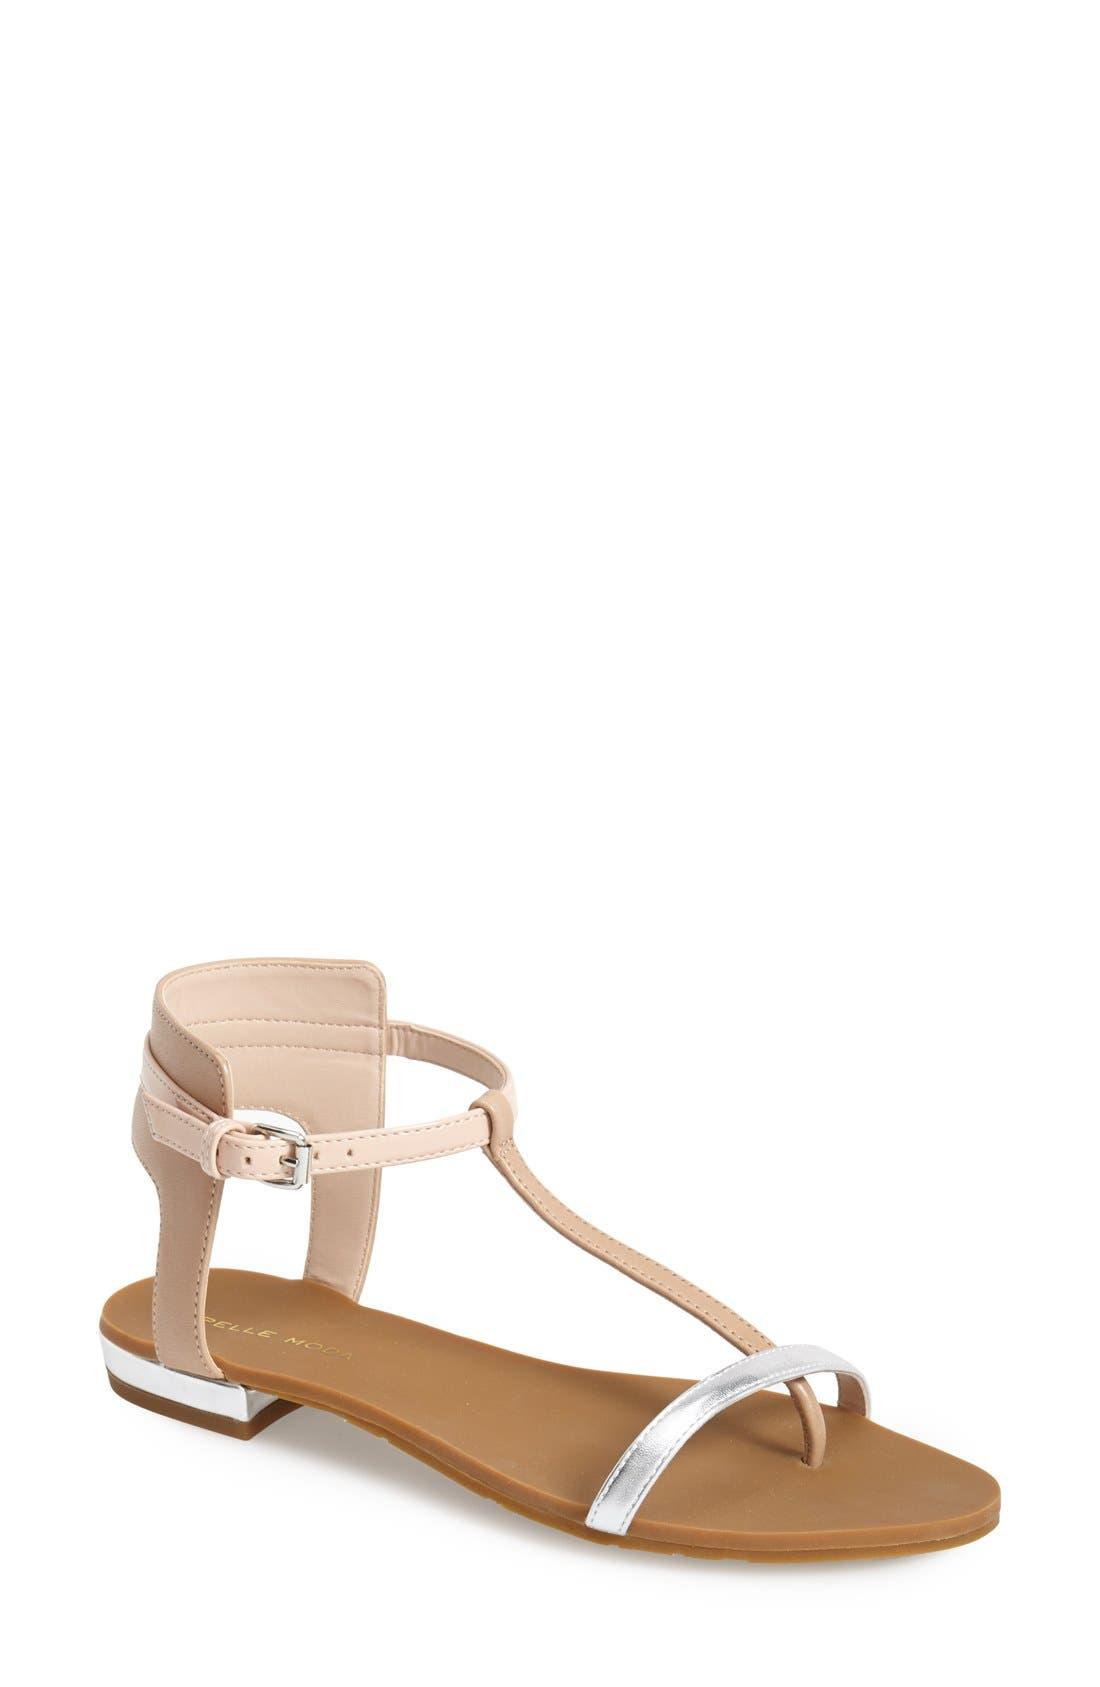 Alternate Image 1 Selected - Pelle Moda 'Bedi' Ankle Strap Thong Sandal (Women)